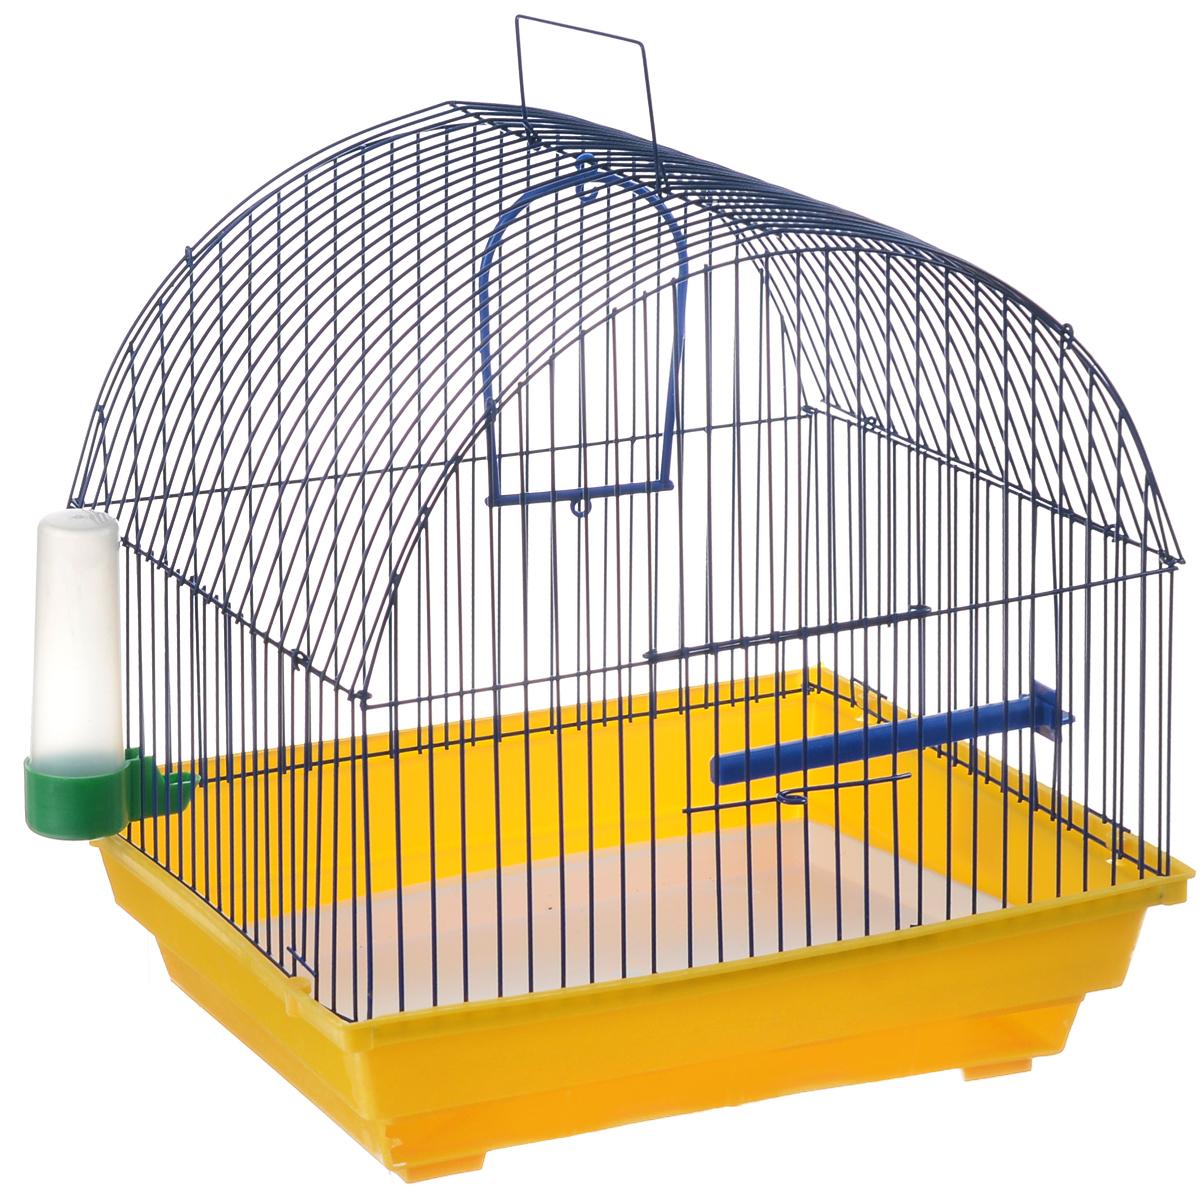 Клетка для птиц ЗооМарк, цвет: желтый поддон, синяя решетка, 35 х 28 х 34 см420ЖСКлетка ЗооМарк, выполненная из полипропилена и металла, предназначена для мелких птиц.Изделие состоит из большого поддона и решетки. Клетка снабжена металлической дверцей. В основании клетки находится малый поддон. Клетка удобна в использовании и легко чистится. Она оснащена жердочкой, кольцом для птицы, поилкой, кормушкой и подвижной ручкой для удобной переноски.